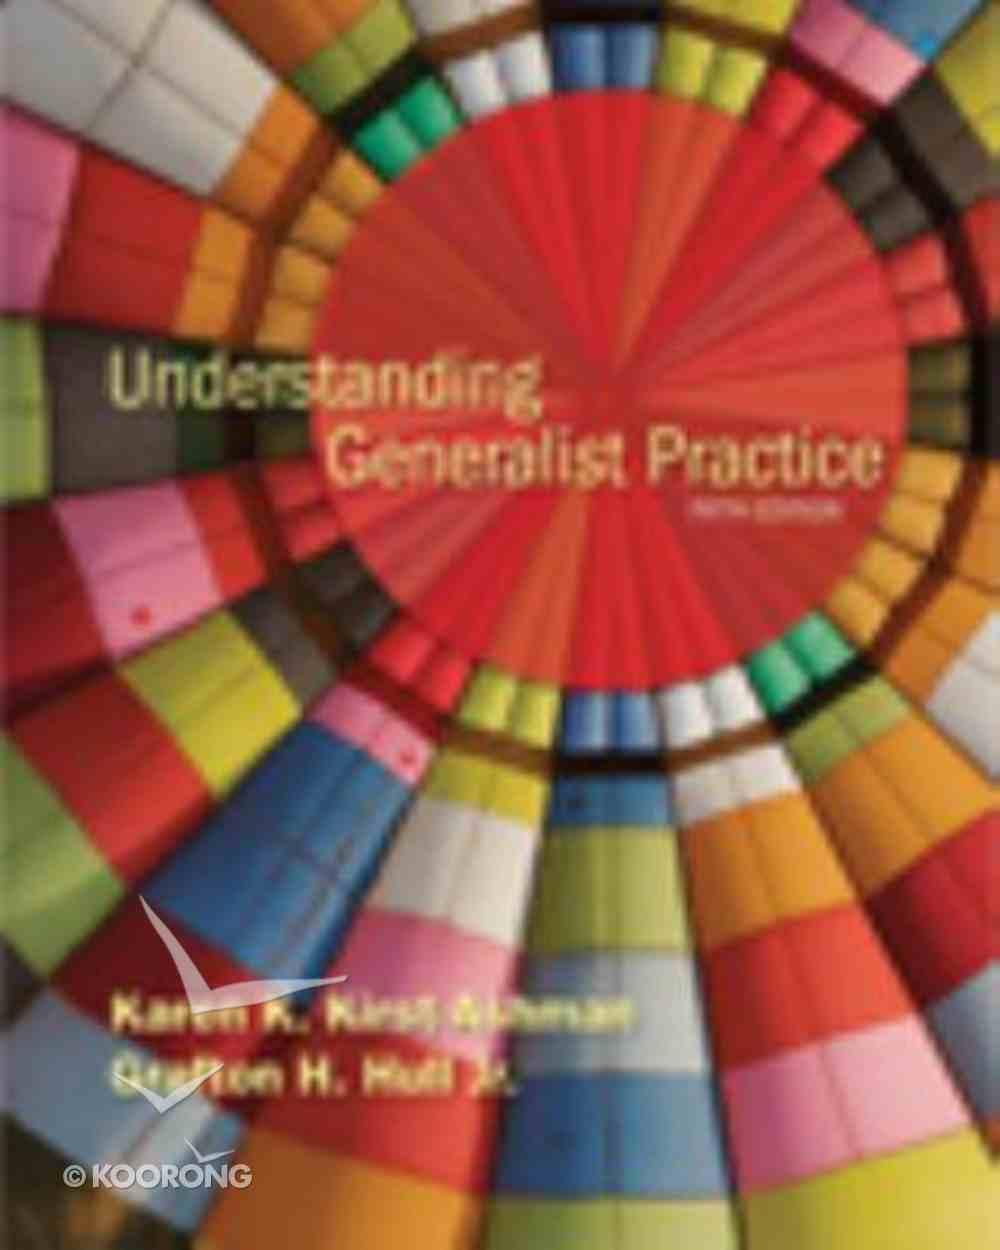 Understanding Generalist Practice (5th Edition) Hardback